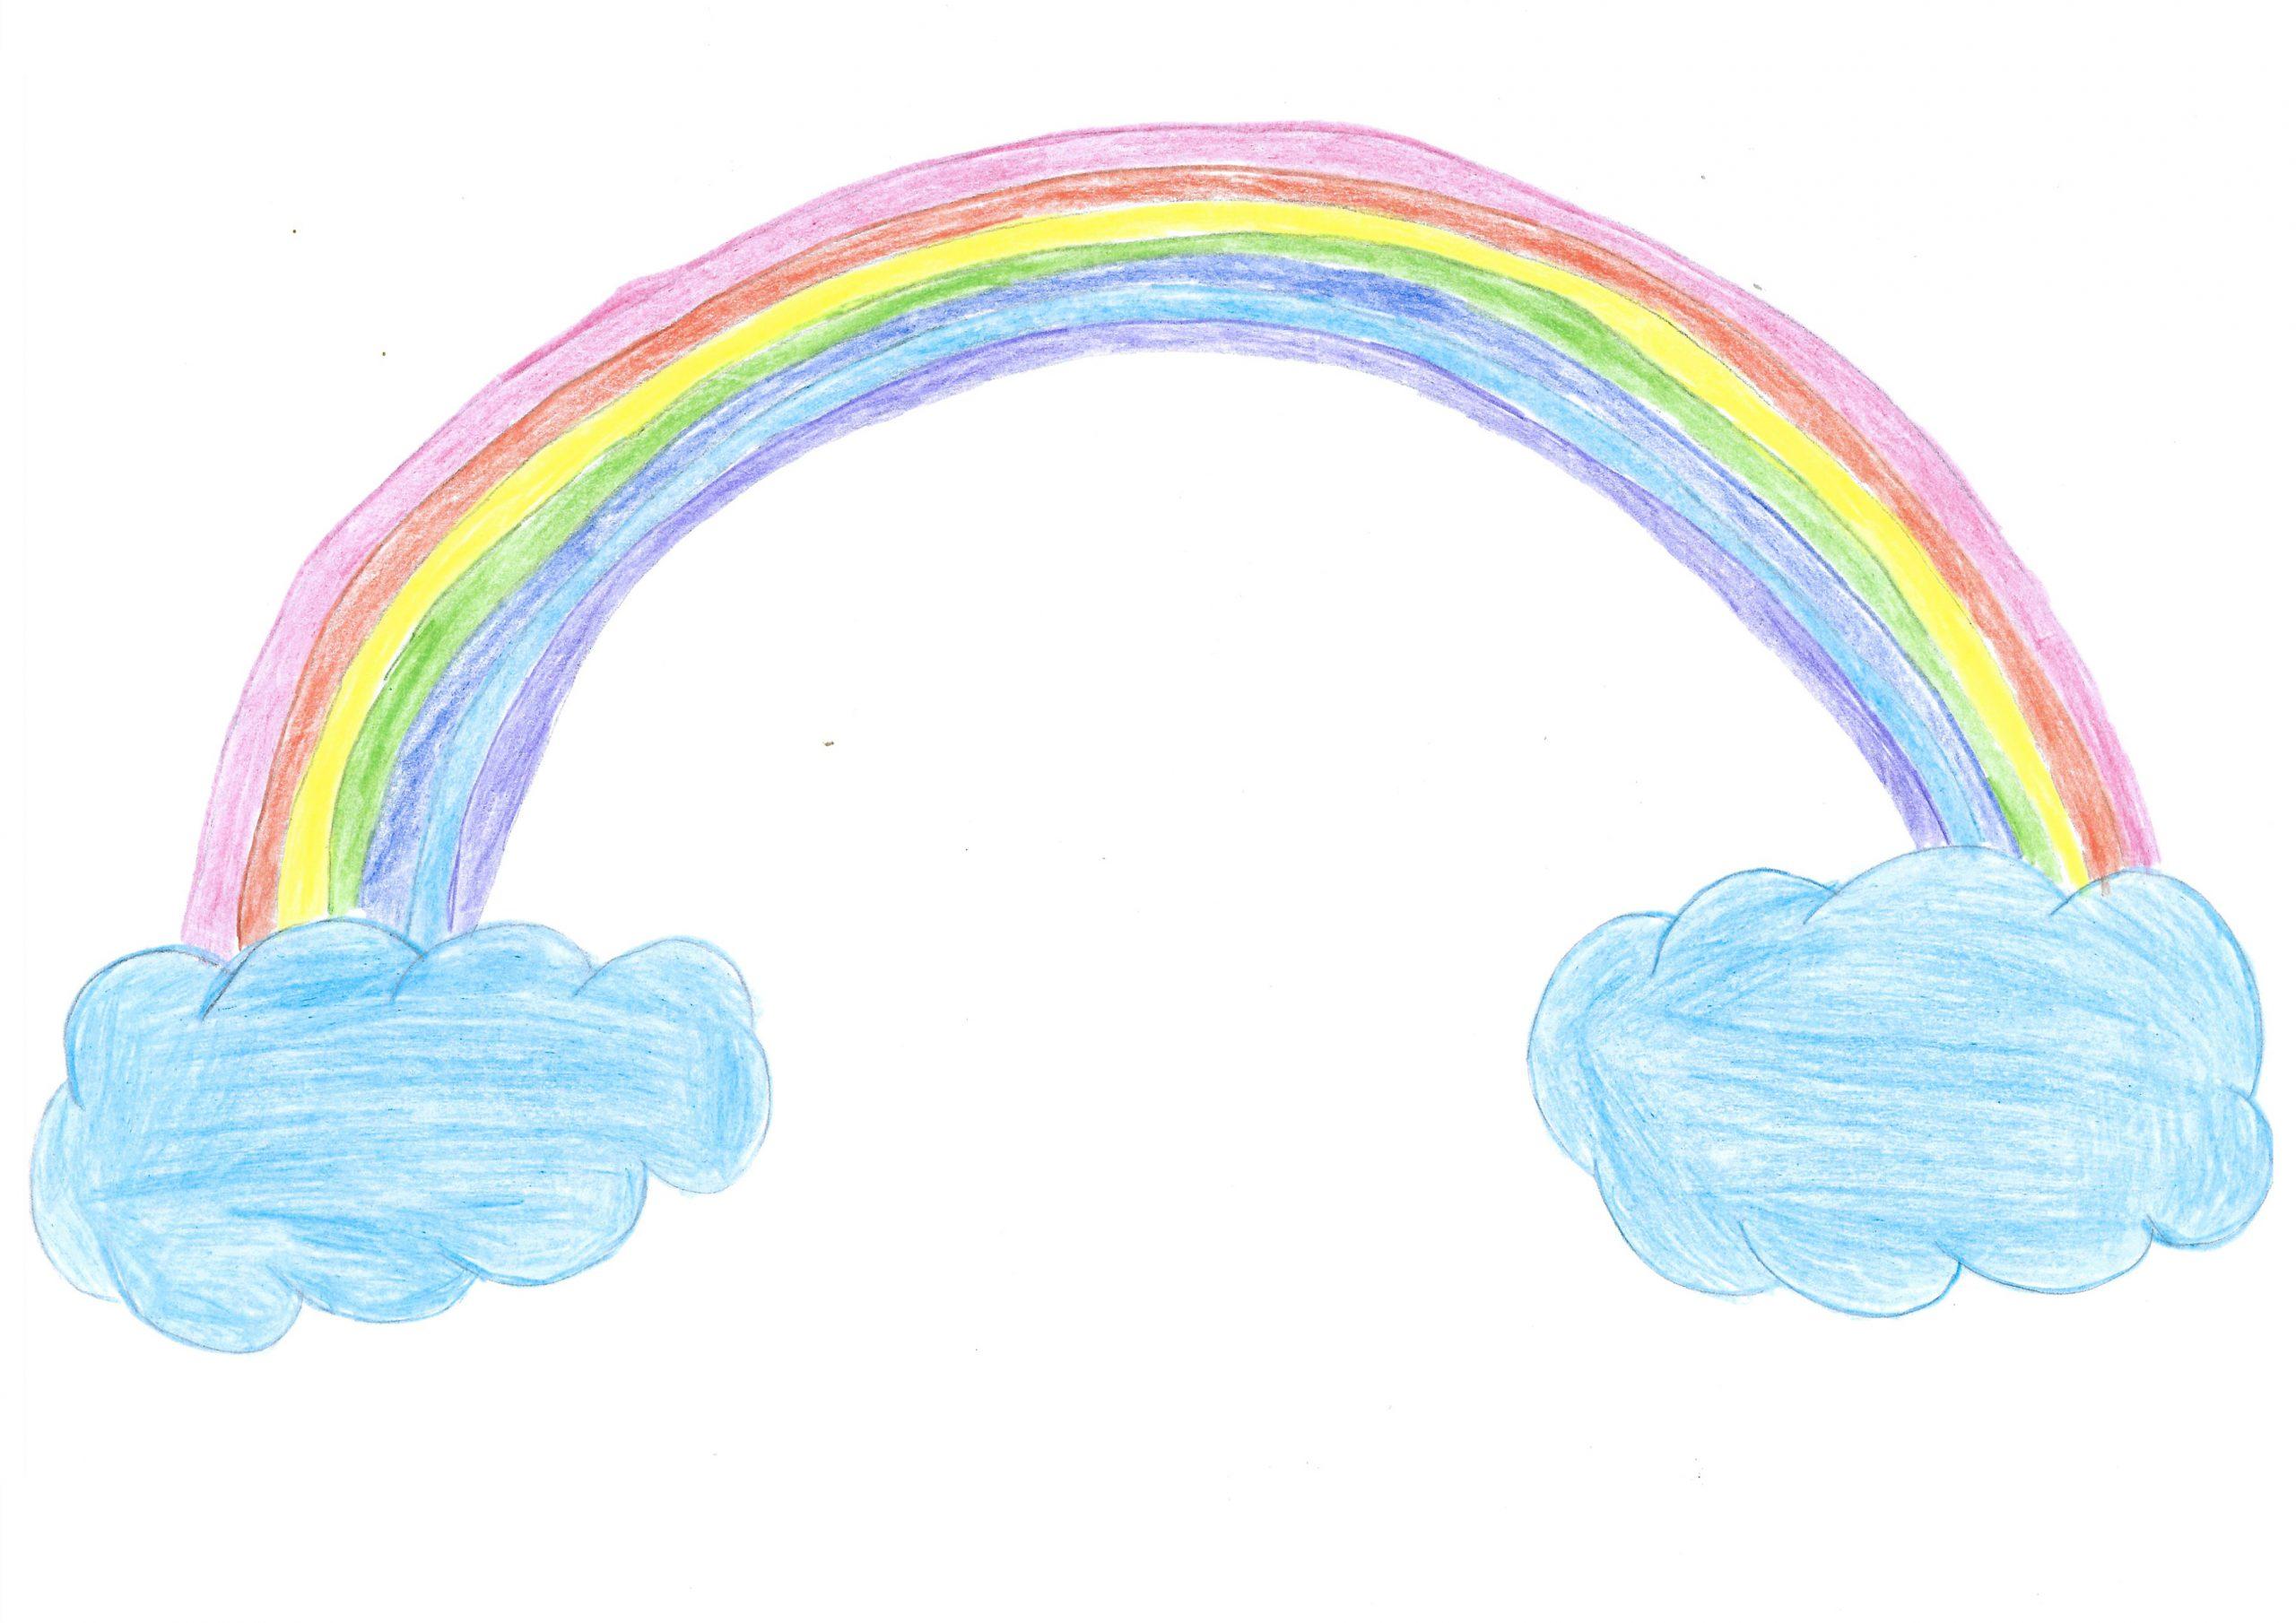 Jyi — The Rainbow